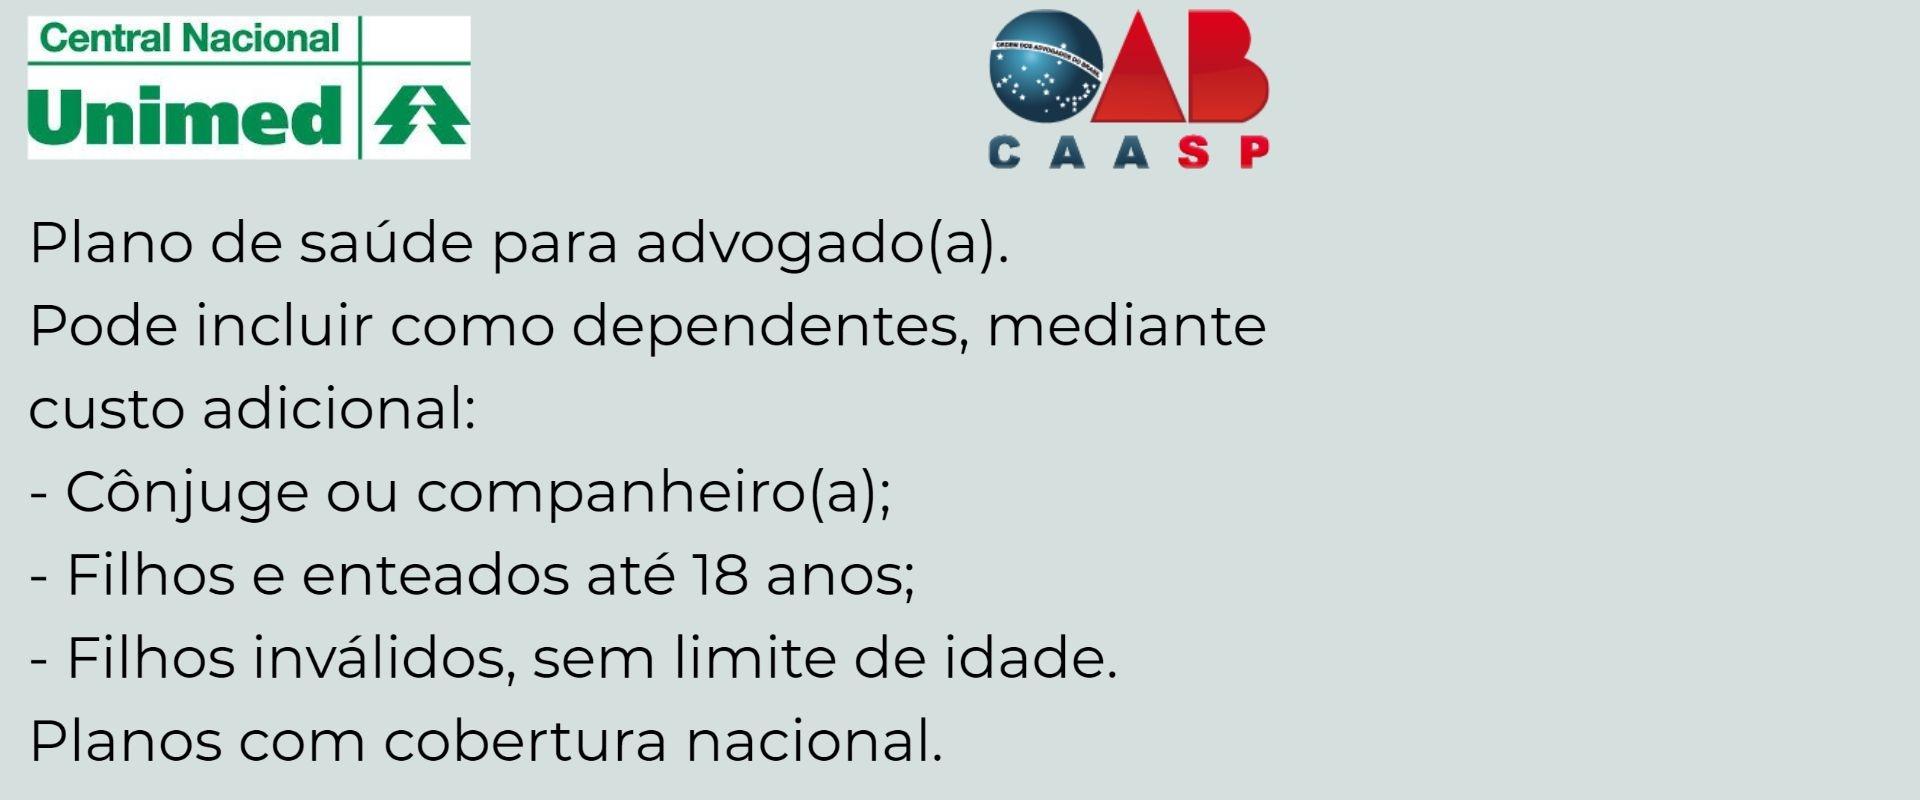 Unimed CAASP Campinas